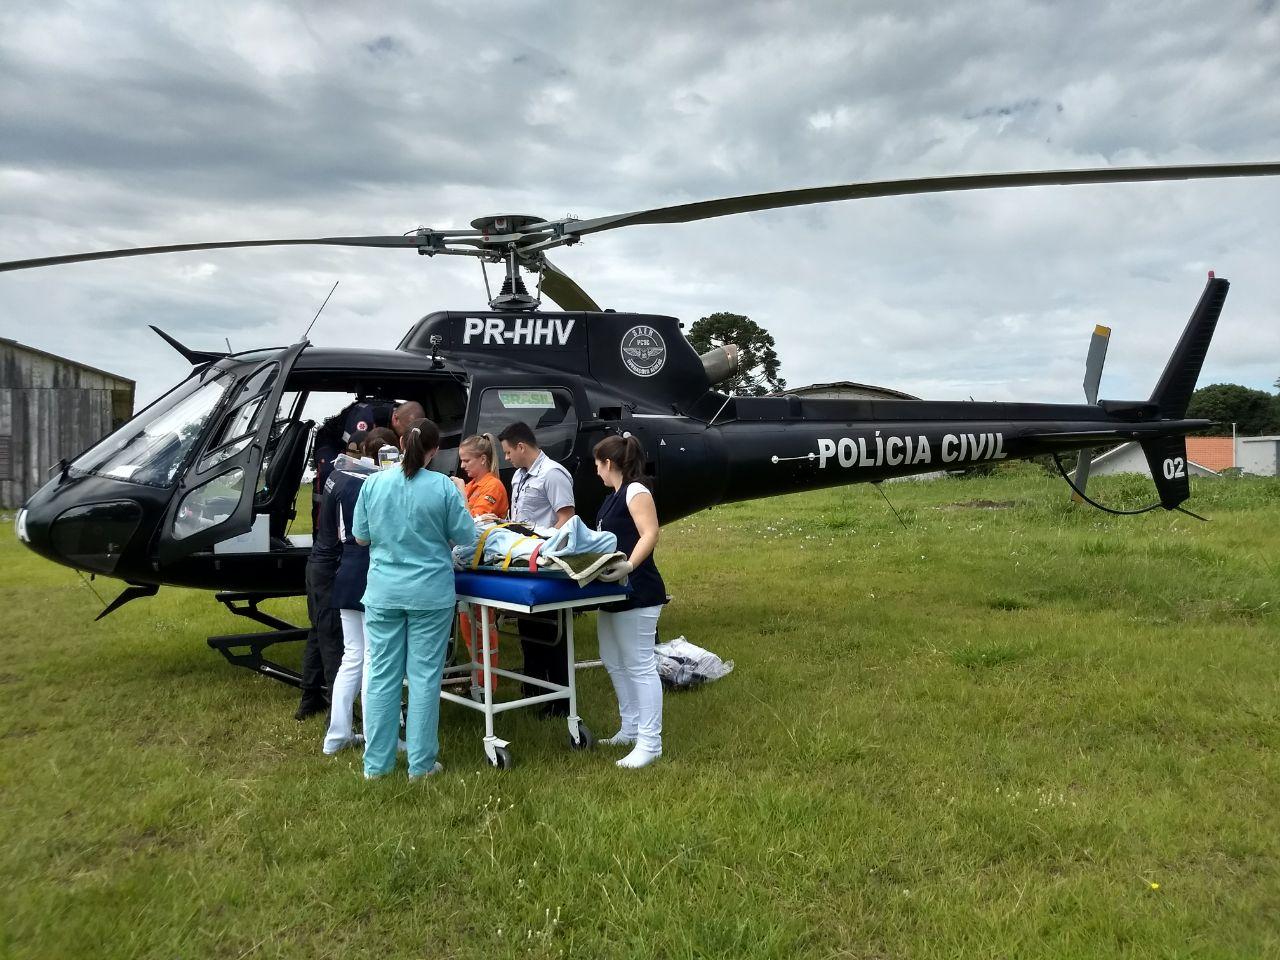 Saer realiza transferência de menino do hospital de São Miguel do Oeste para Xanxerê